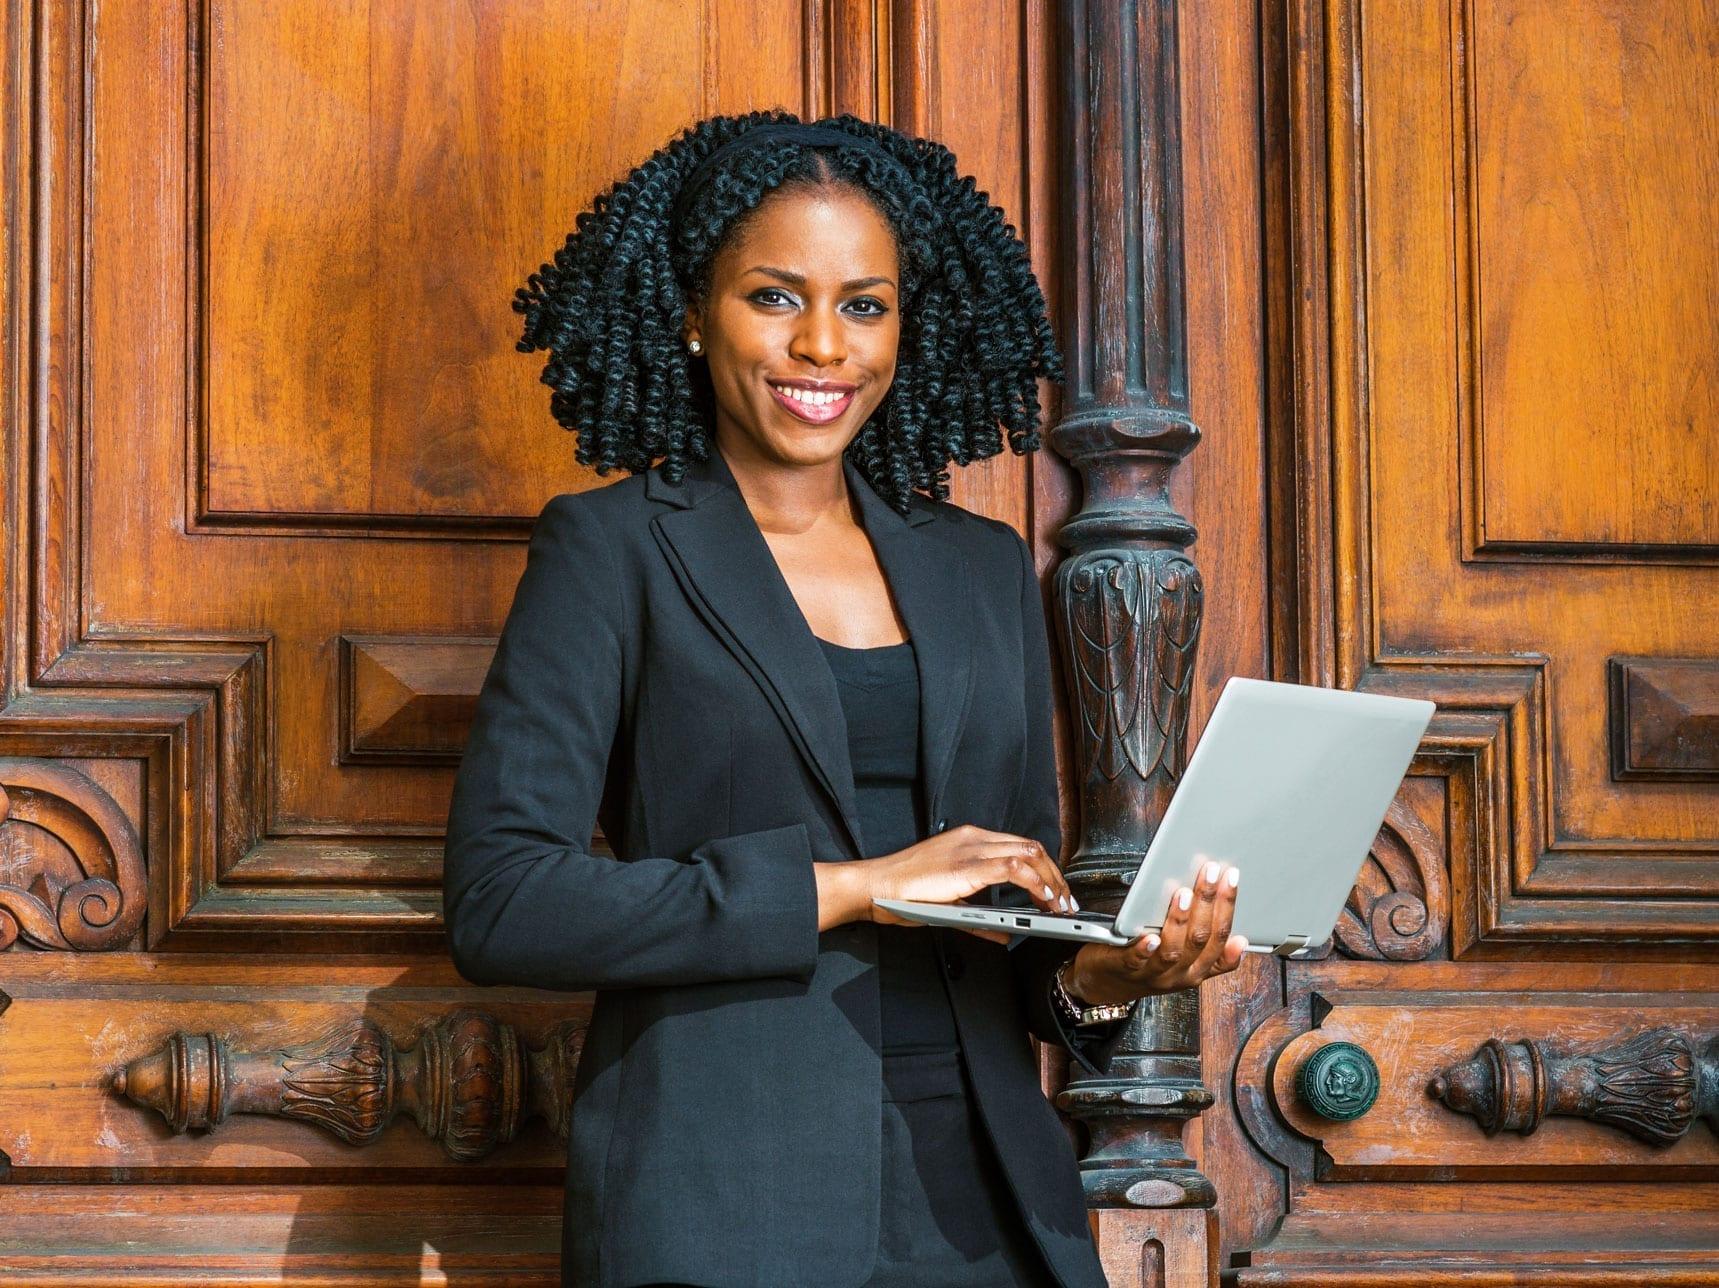 #PraCegoVer imagem ilustrativa de uma mulher advogada com um computador na mão. Ela sorri,